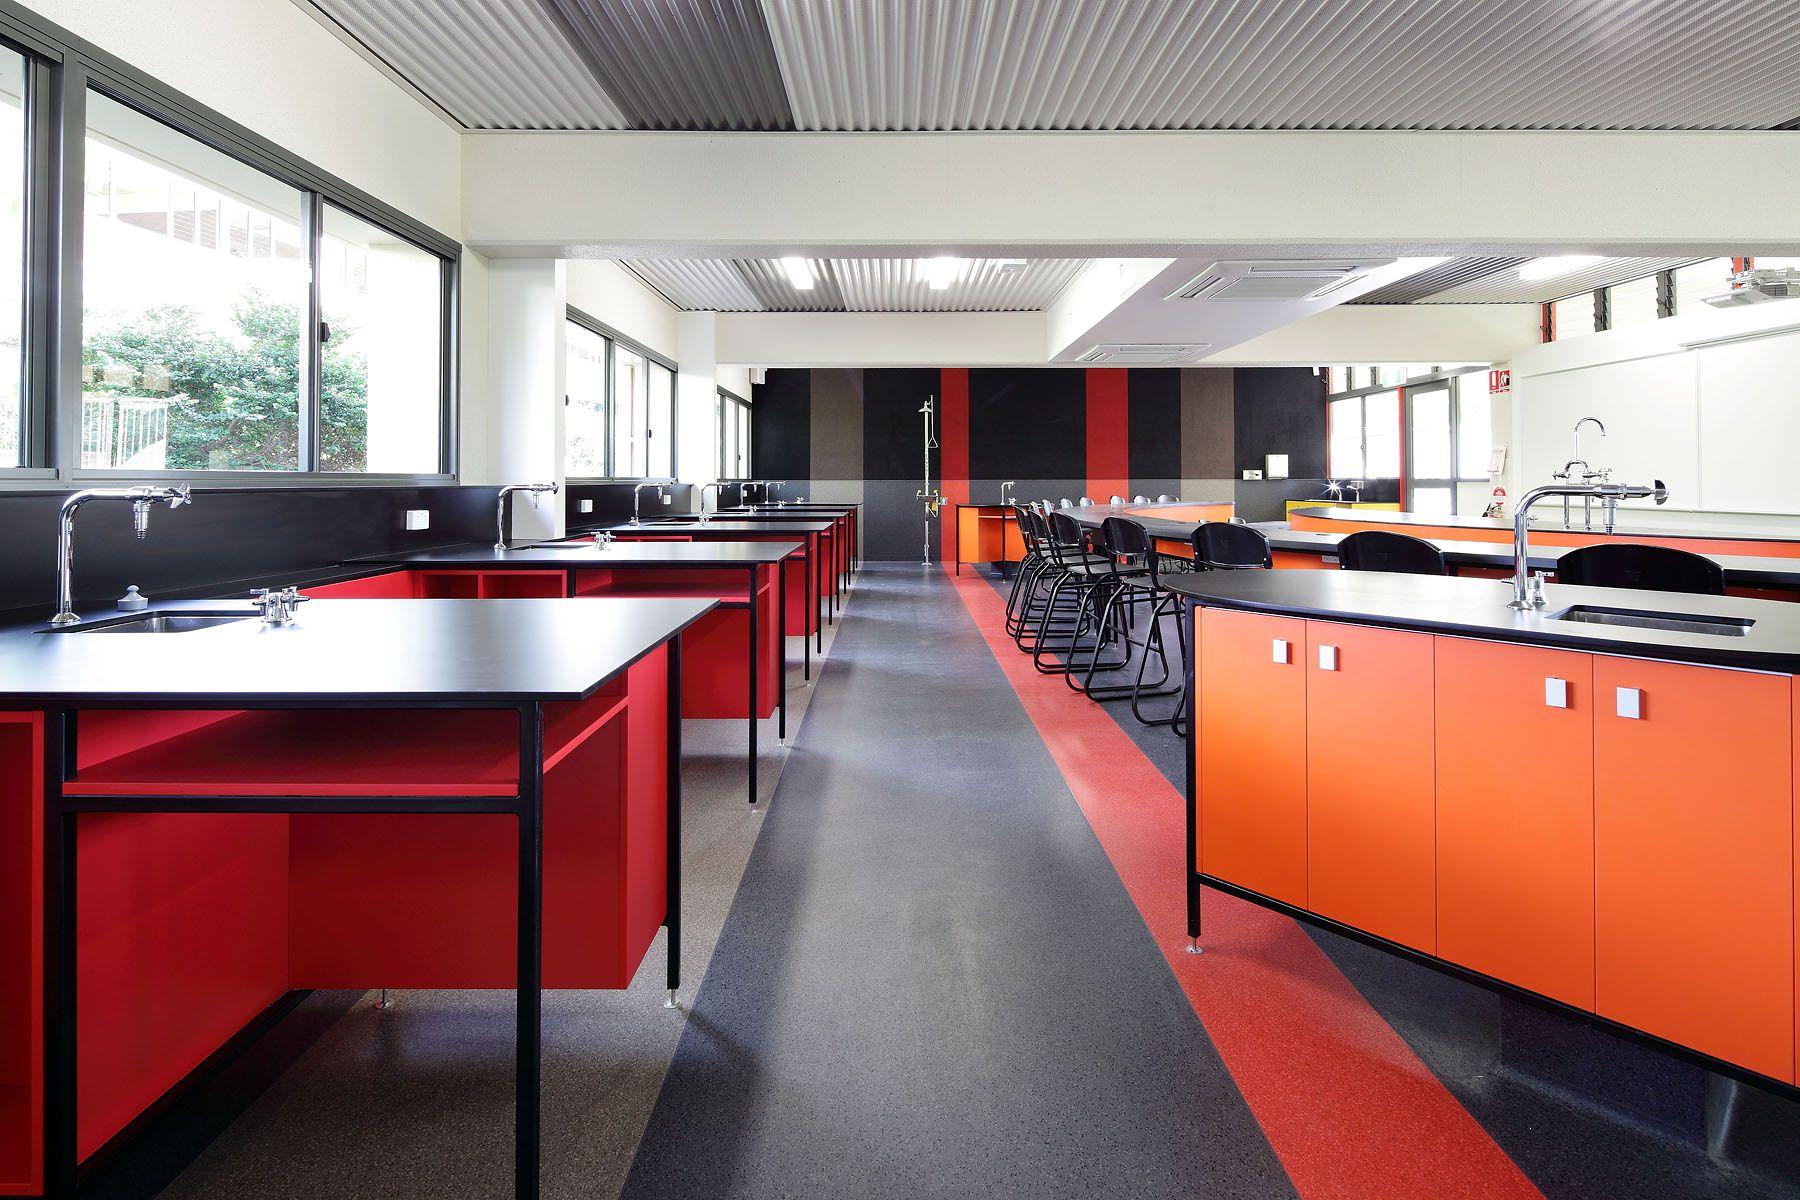 St Edmunds College Science Lab Interiordesign Interior Design School Sciencelab